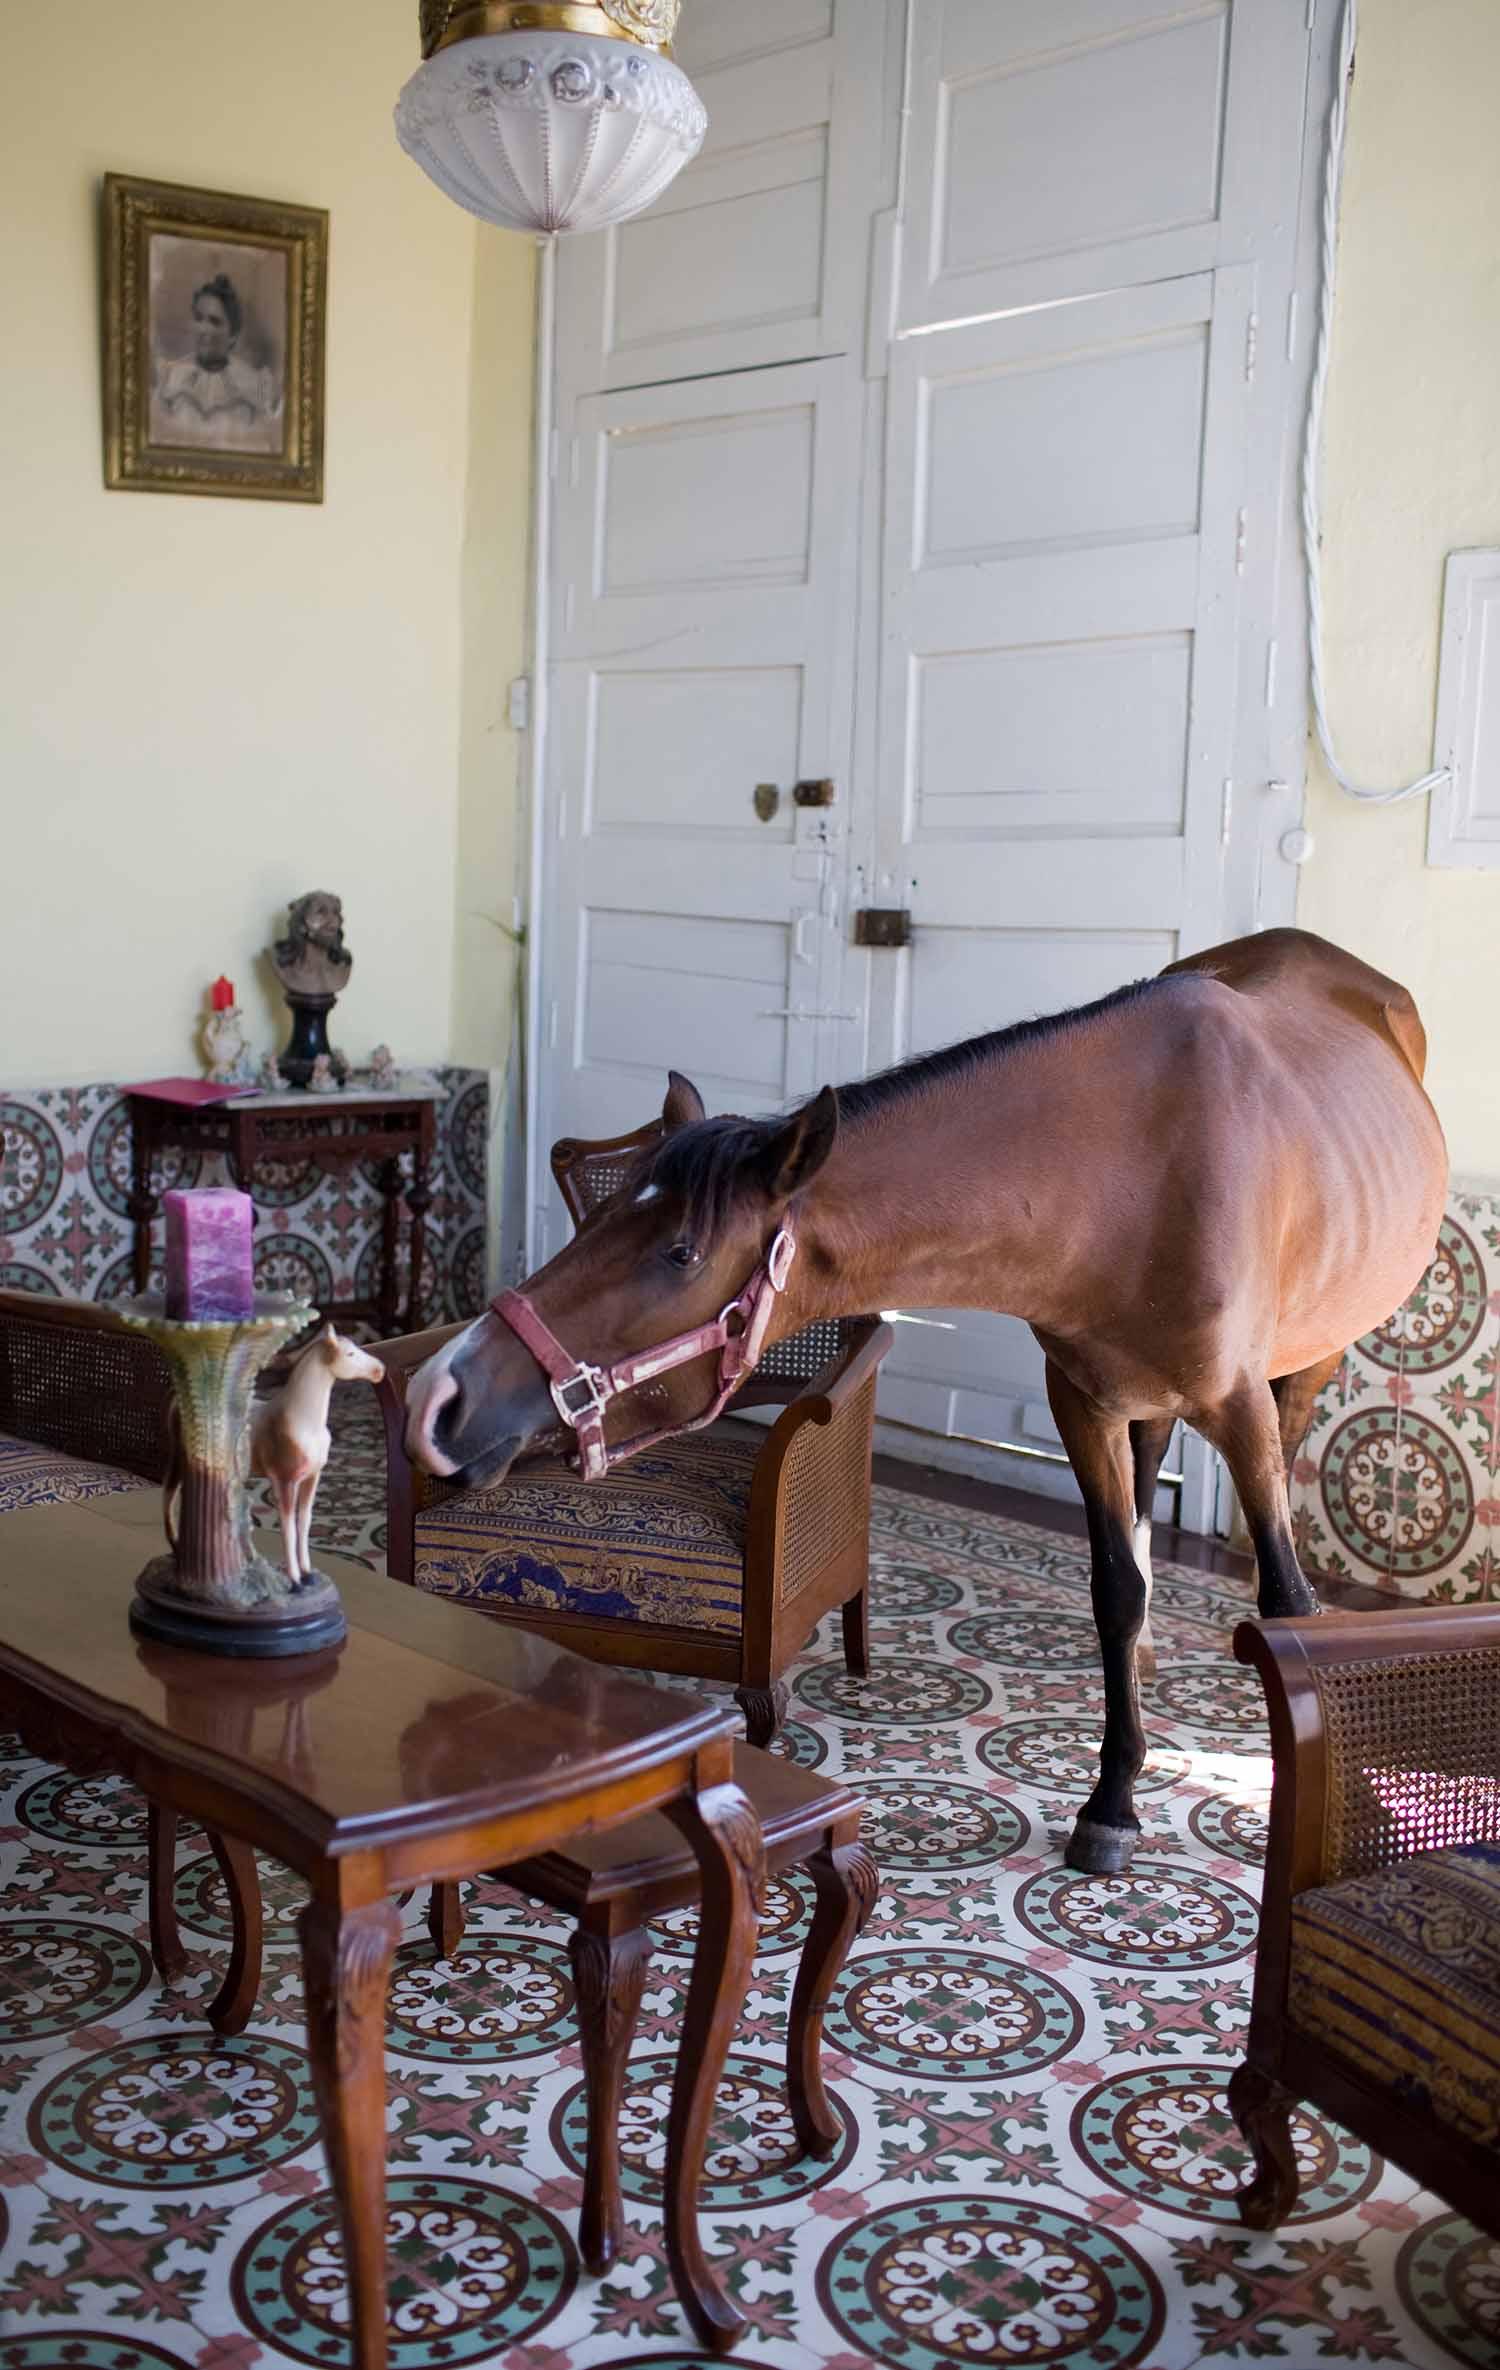 horse in home, Trinidad, Cuba.jpg